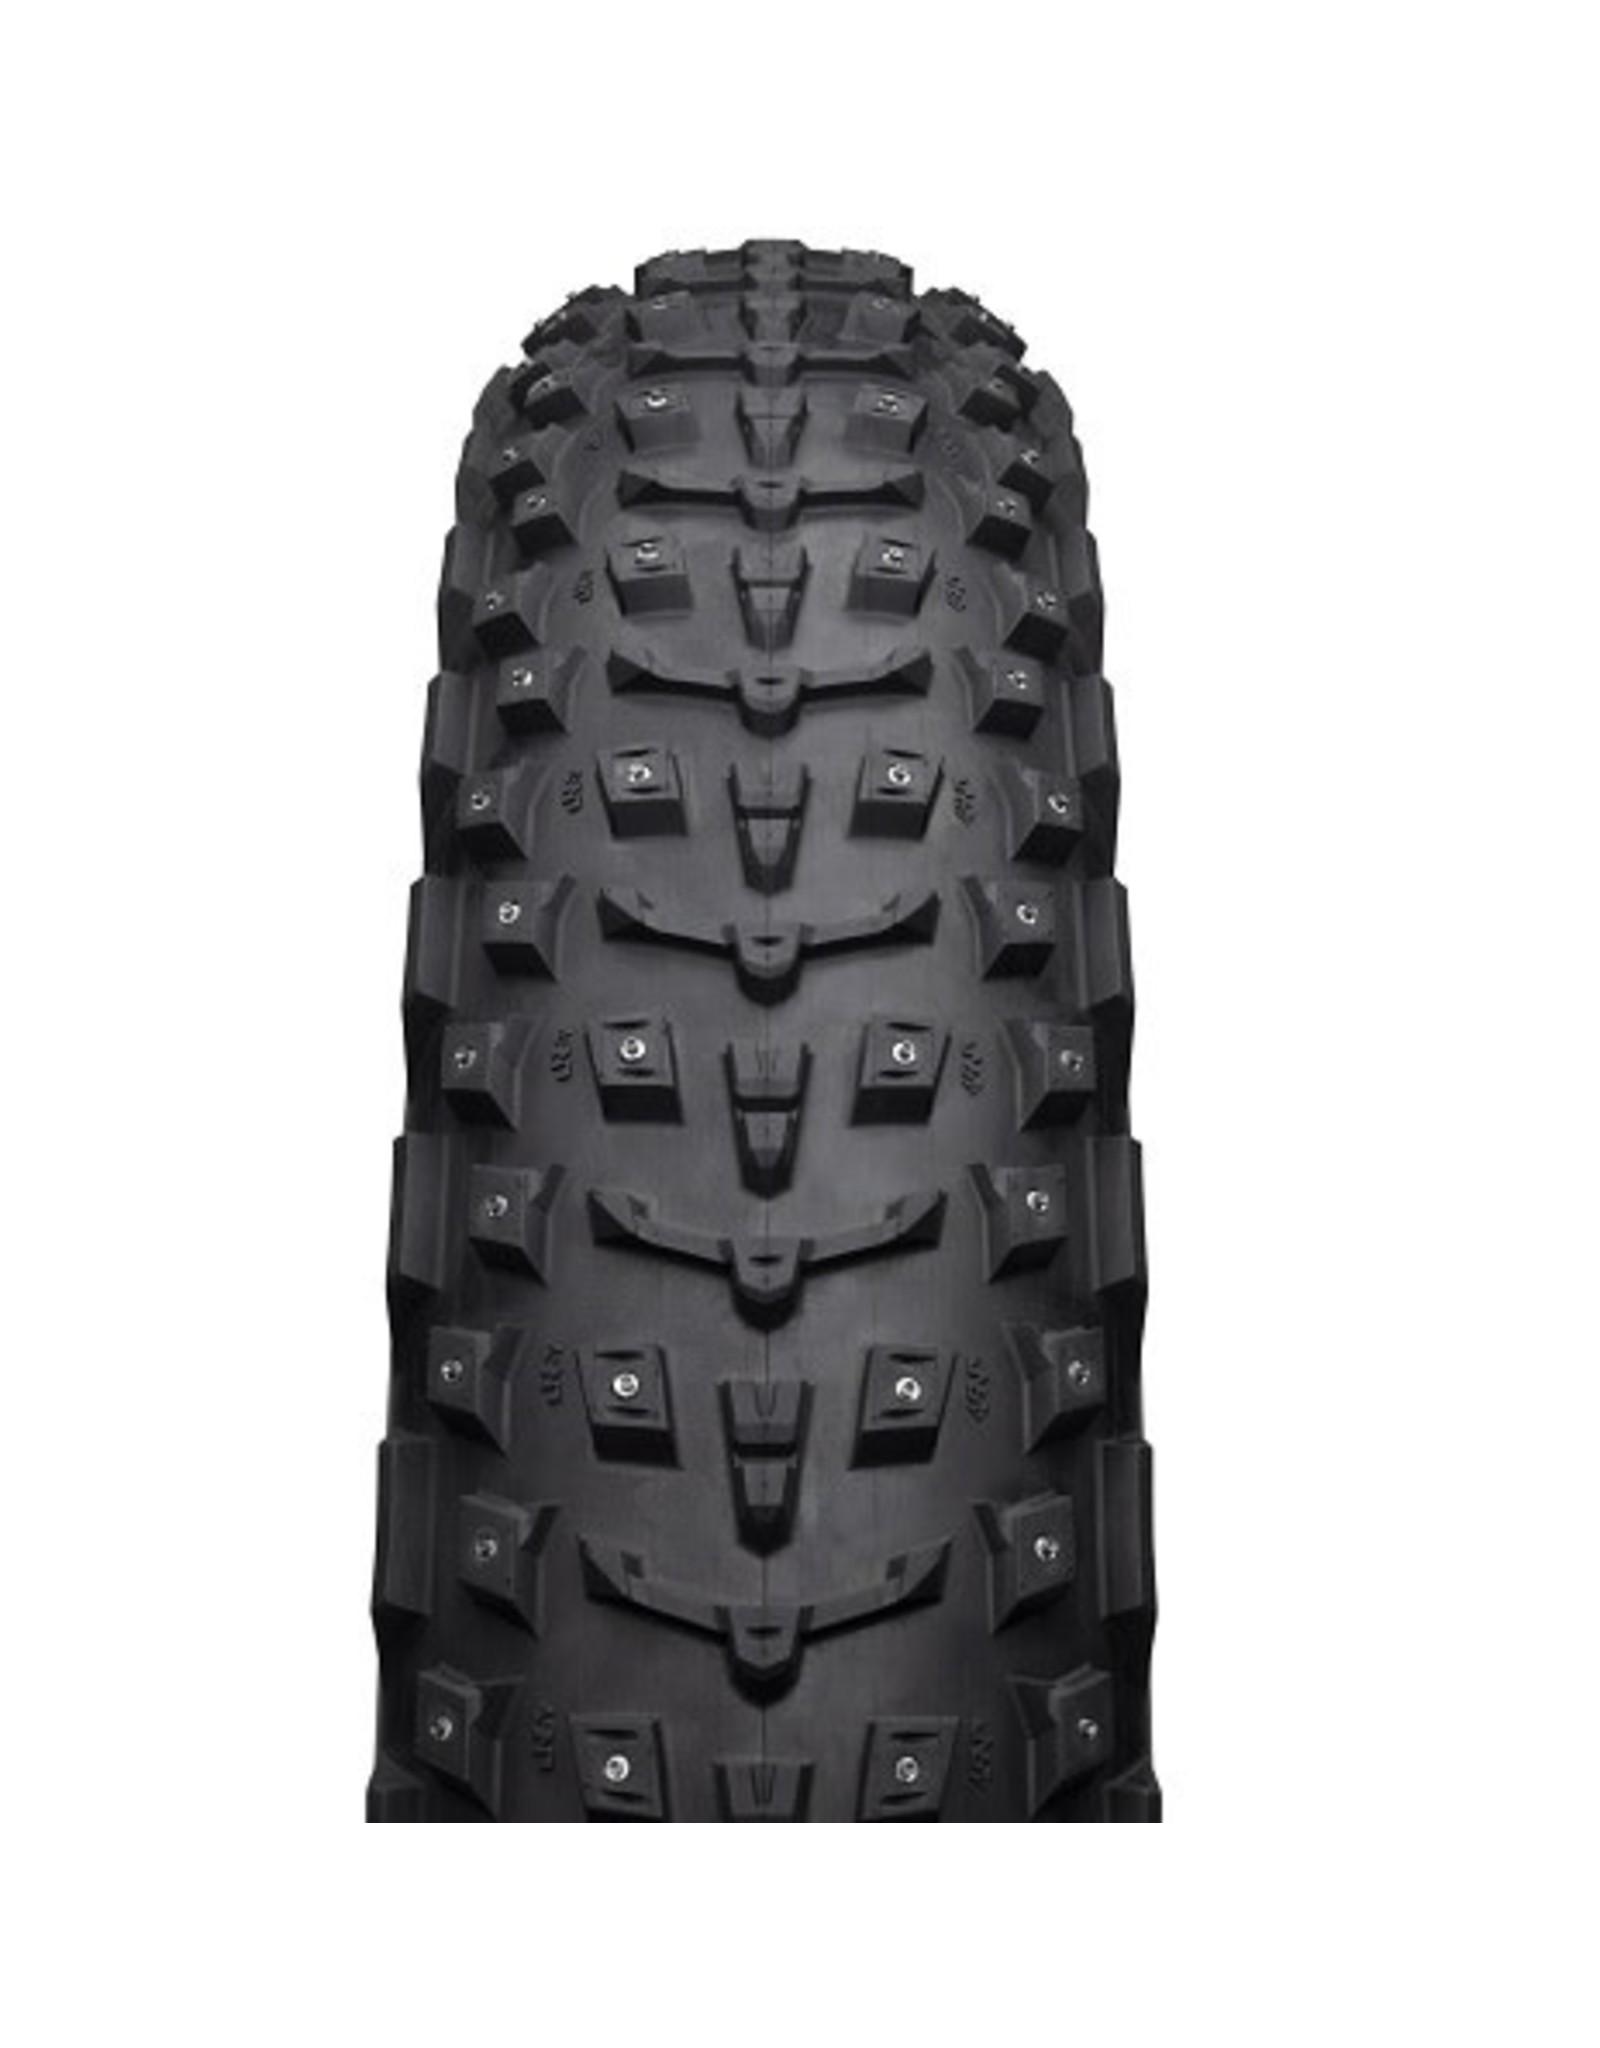 45NRTH 45NRTH Dillinger 5 27.5x4.5 120tpi tire 252 concave studs